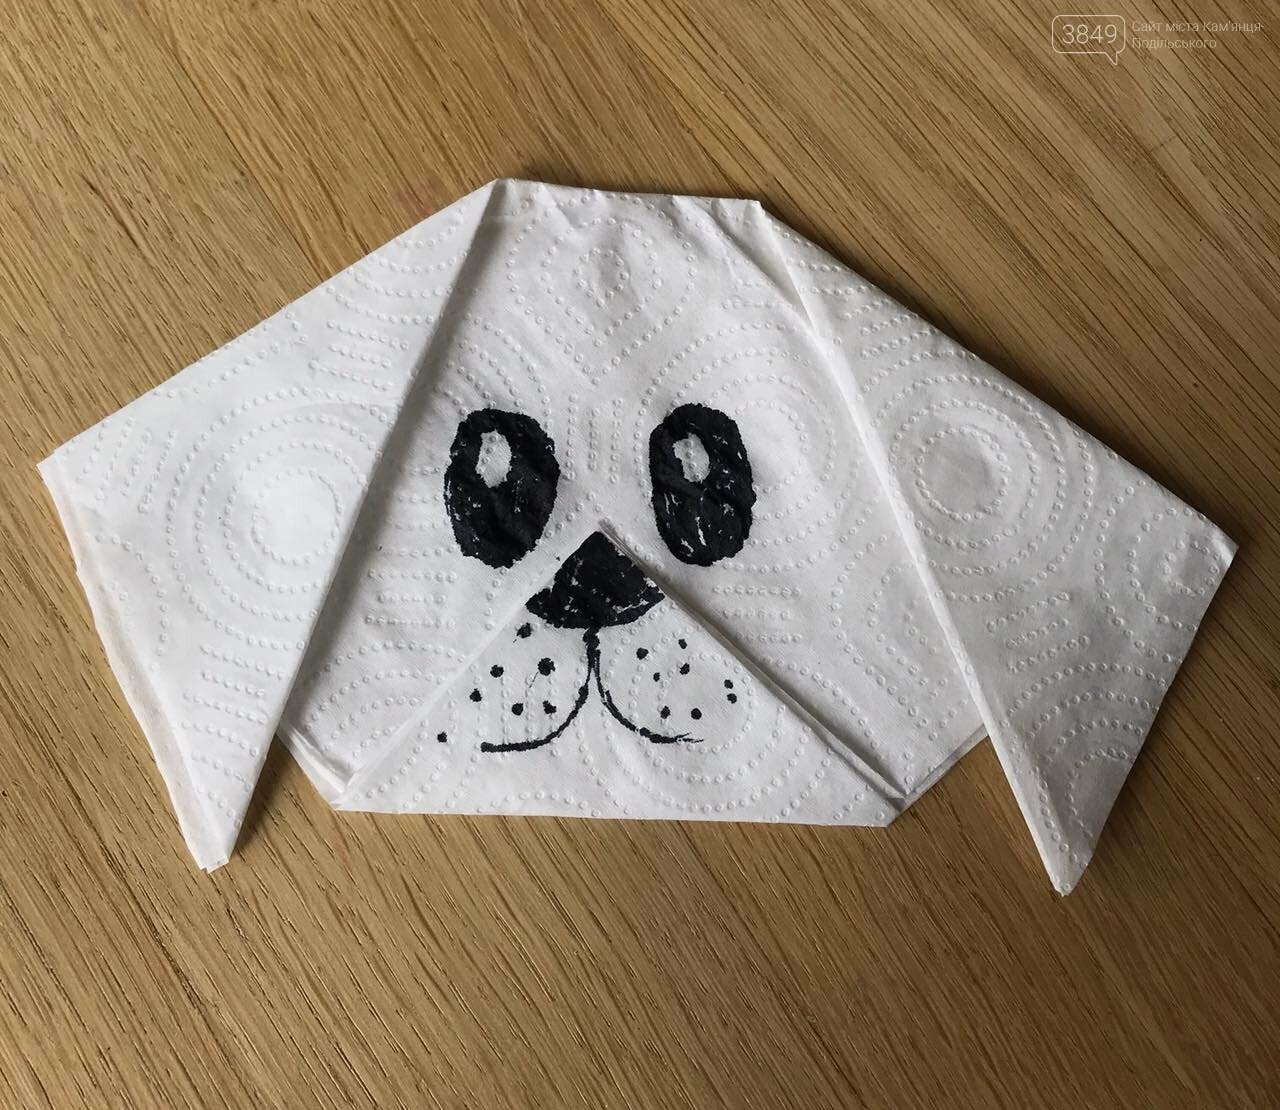 """ТОП-5 оригамі з туалетного паперу, якщо ви піддалися паніці та накупили його """"побільше"""", фото-5"""